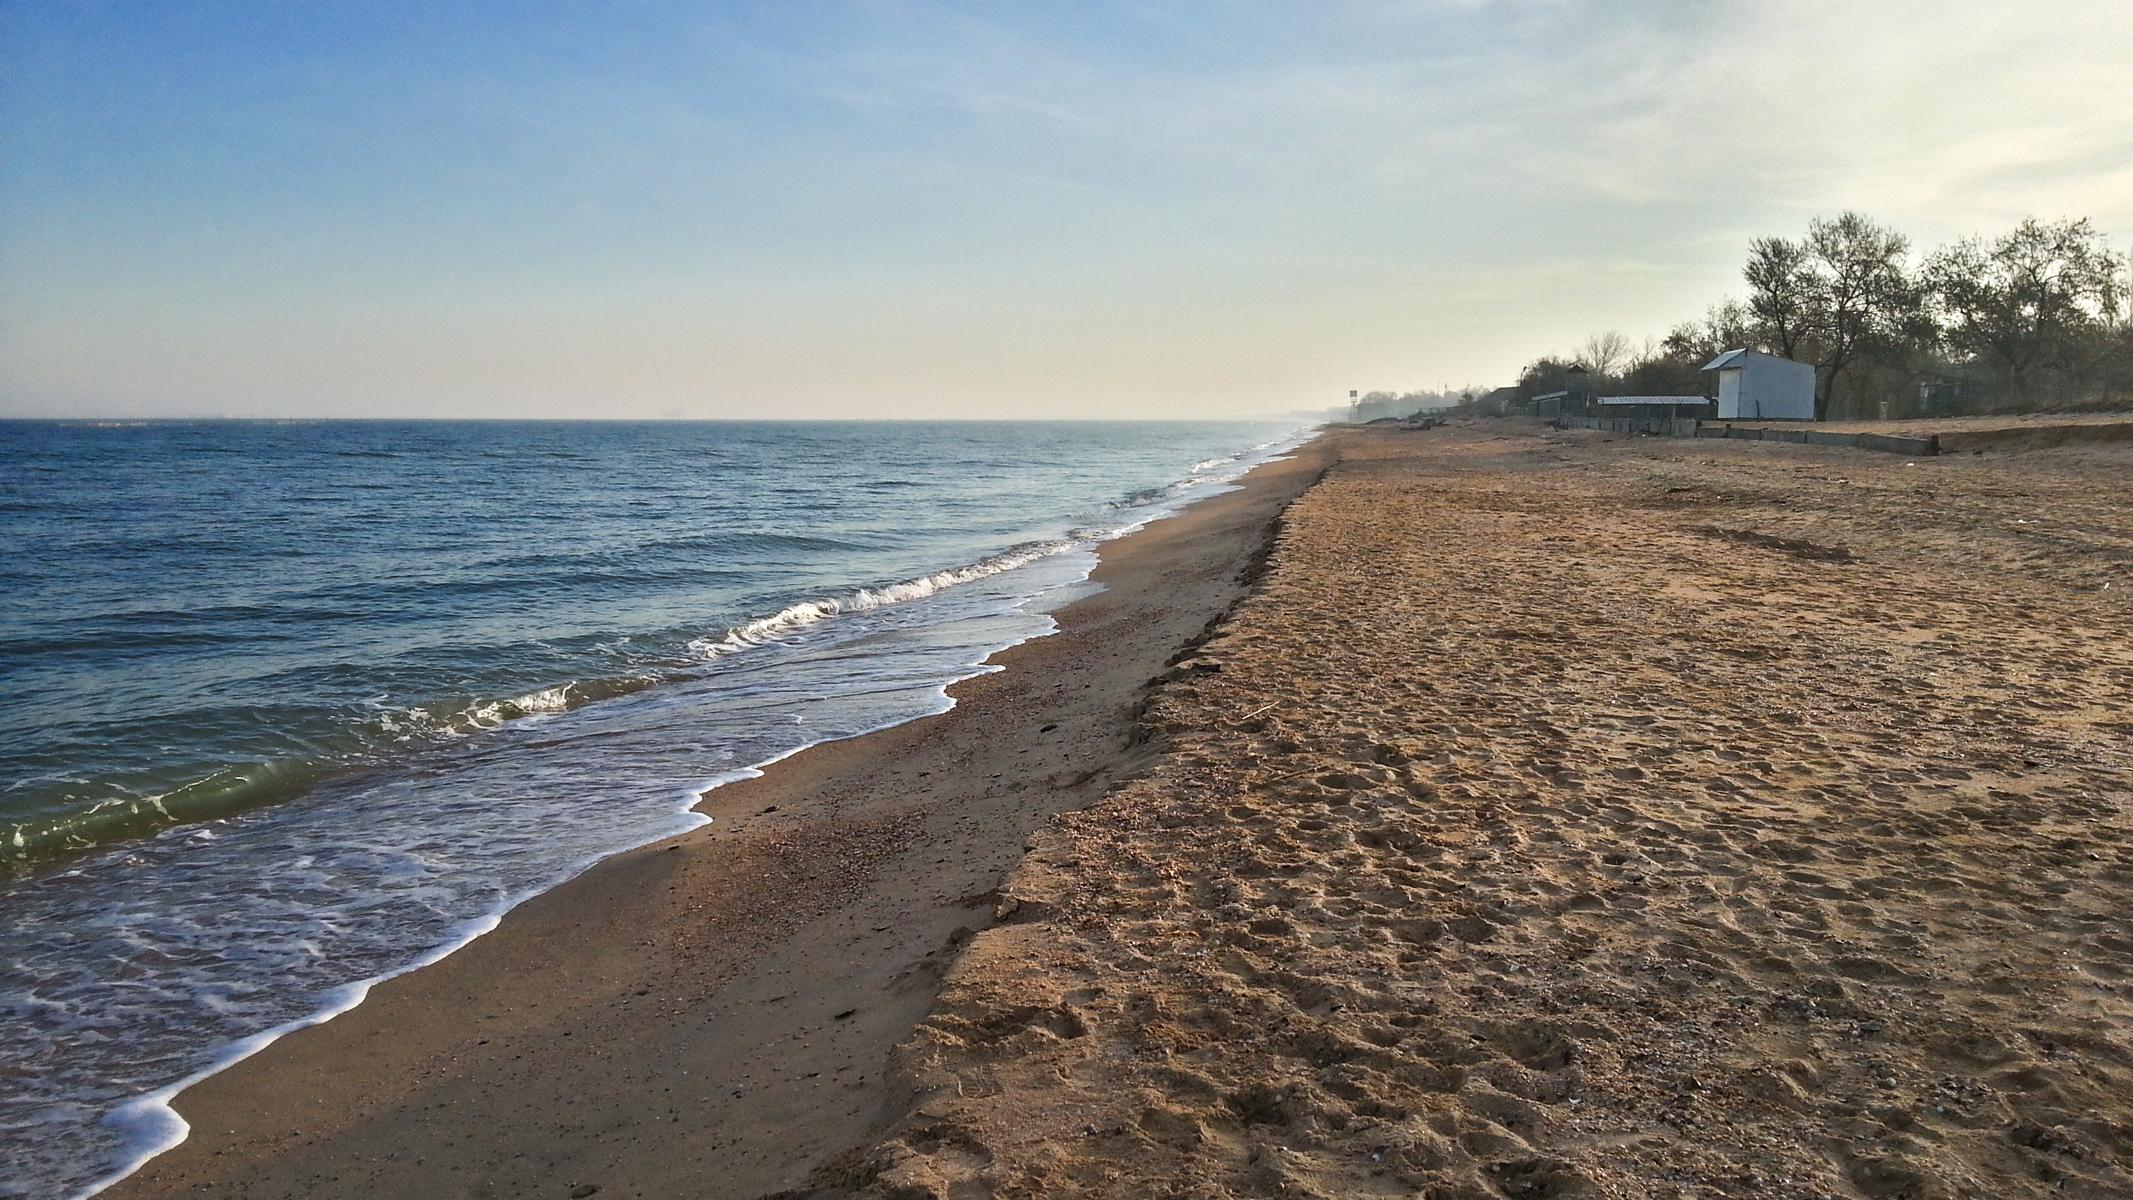 Голубицкая. Берег Азовского моря в почти декабре. Утро. Народу мало. В дали, в море, виден нефтеналивной терминал.